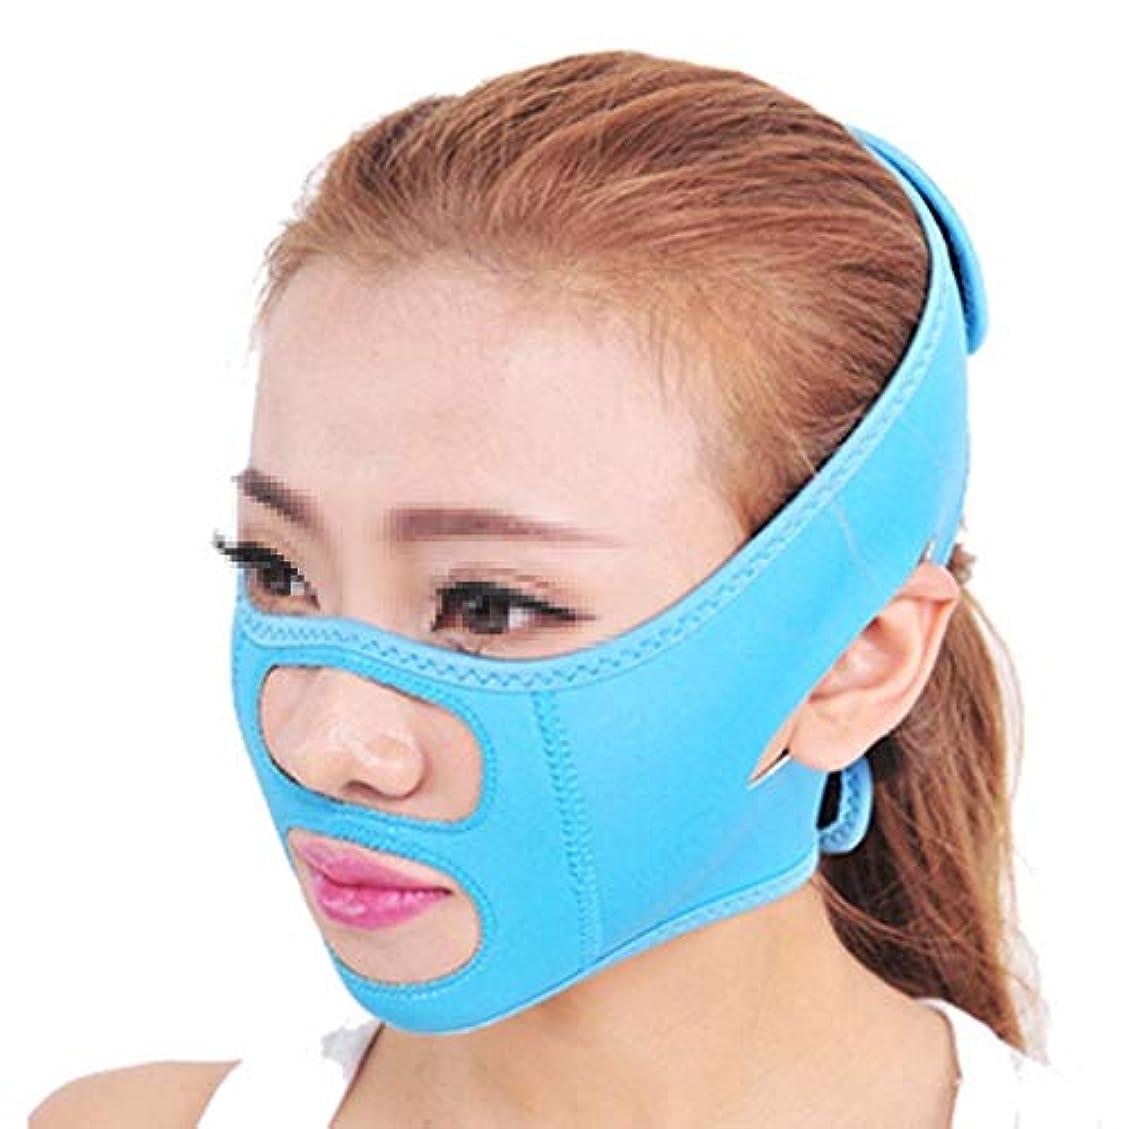 むさぼり食う副産物憂慮すべき薄いフェイスベルト、スリープマスク付きVフェイス、リフティングフェイス、ダブルチンフェイスマスクを引き締めるマルチカラーオプション(色:青)